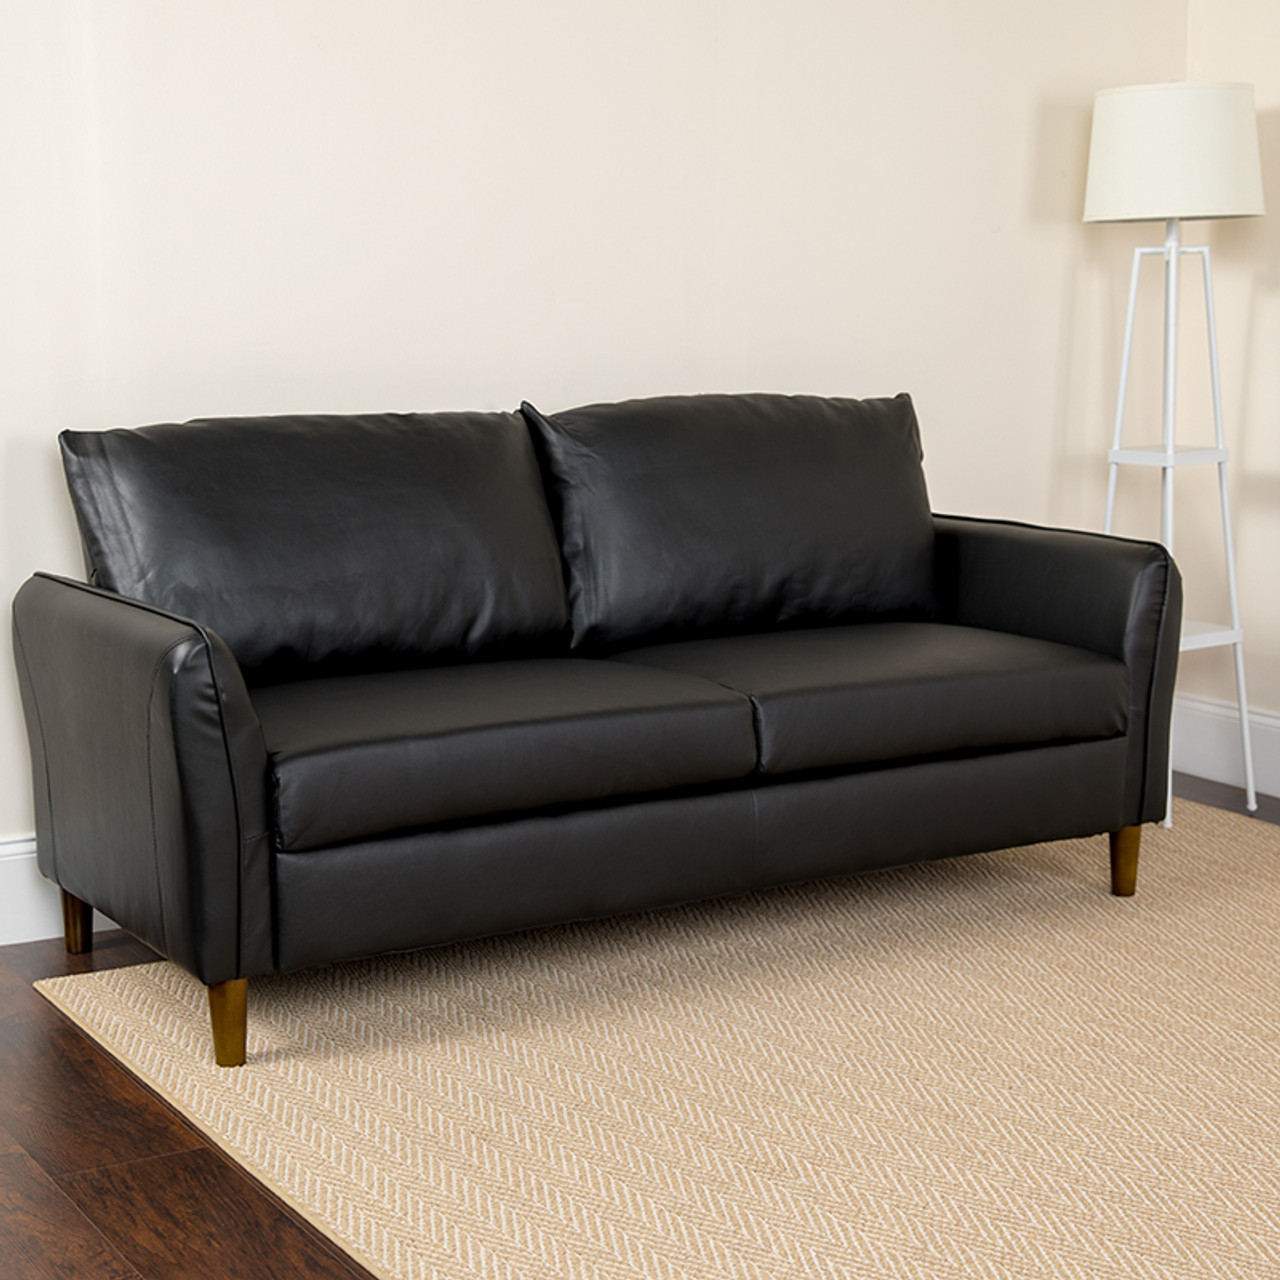 Flash Furniture Milton Park Plush Black Leather Pillow Back Sofa